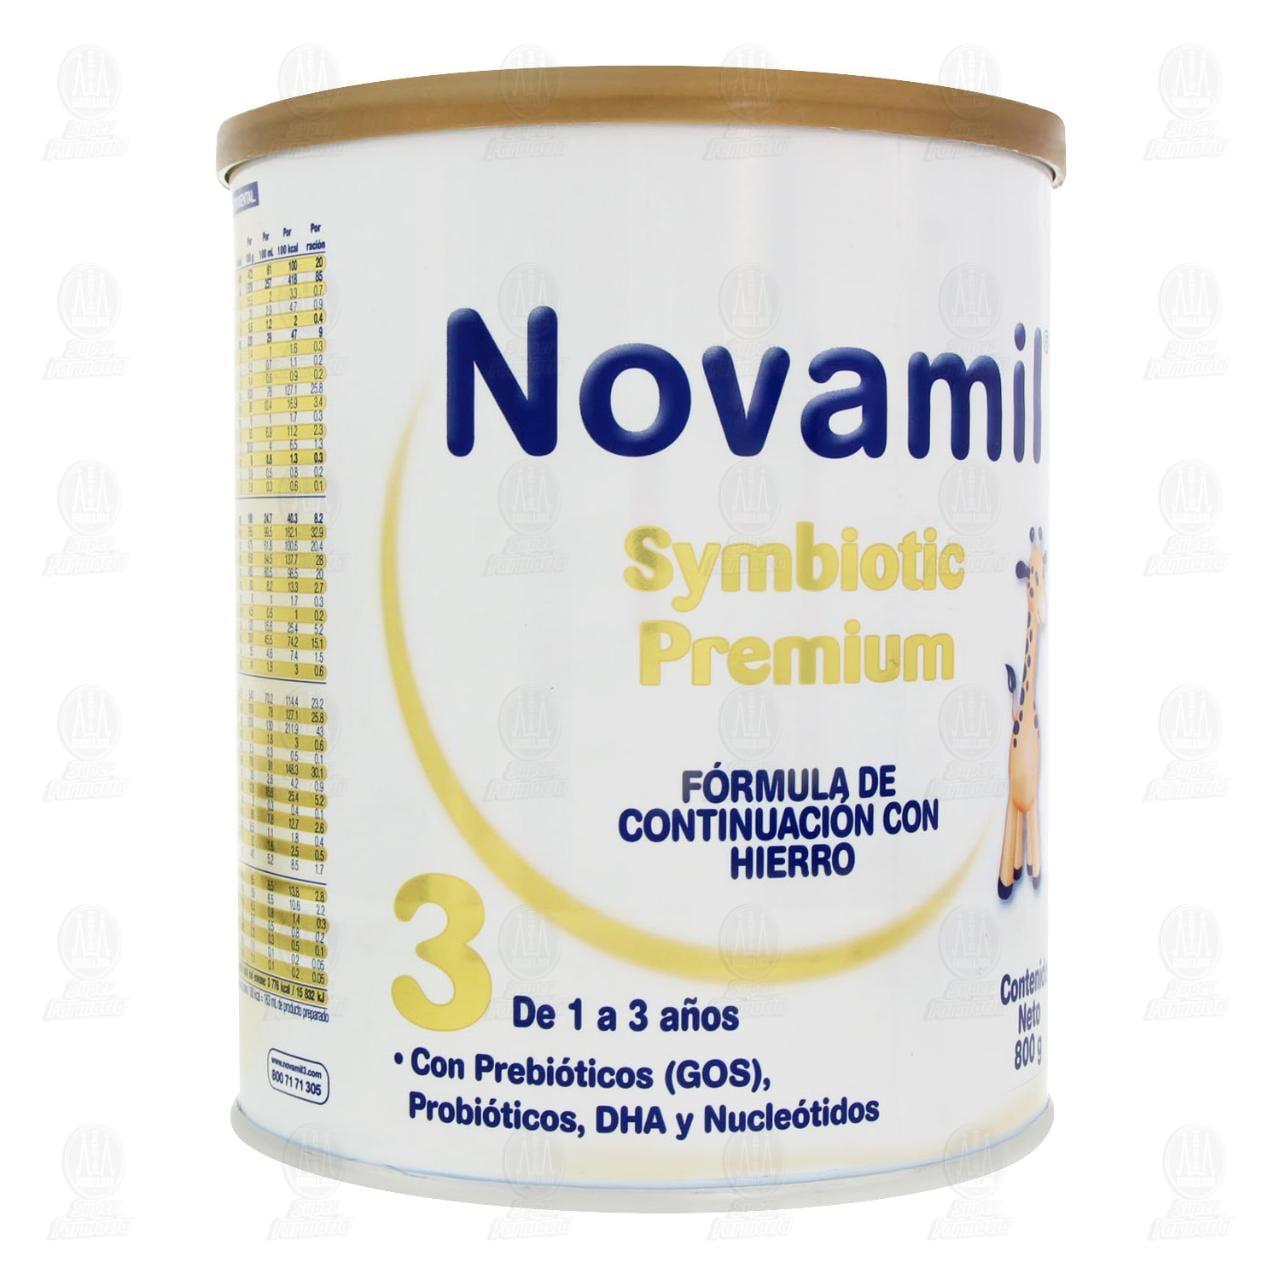 comprar https://www.movil.farmaciasguadalajara.com/wcsstore/FGCAS/wcs/products/1260987_A_1280_AL.jpg en farmacias guadalajara